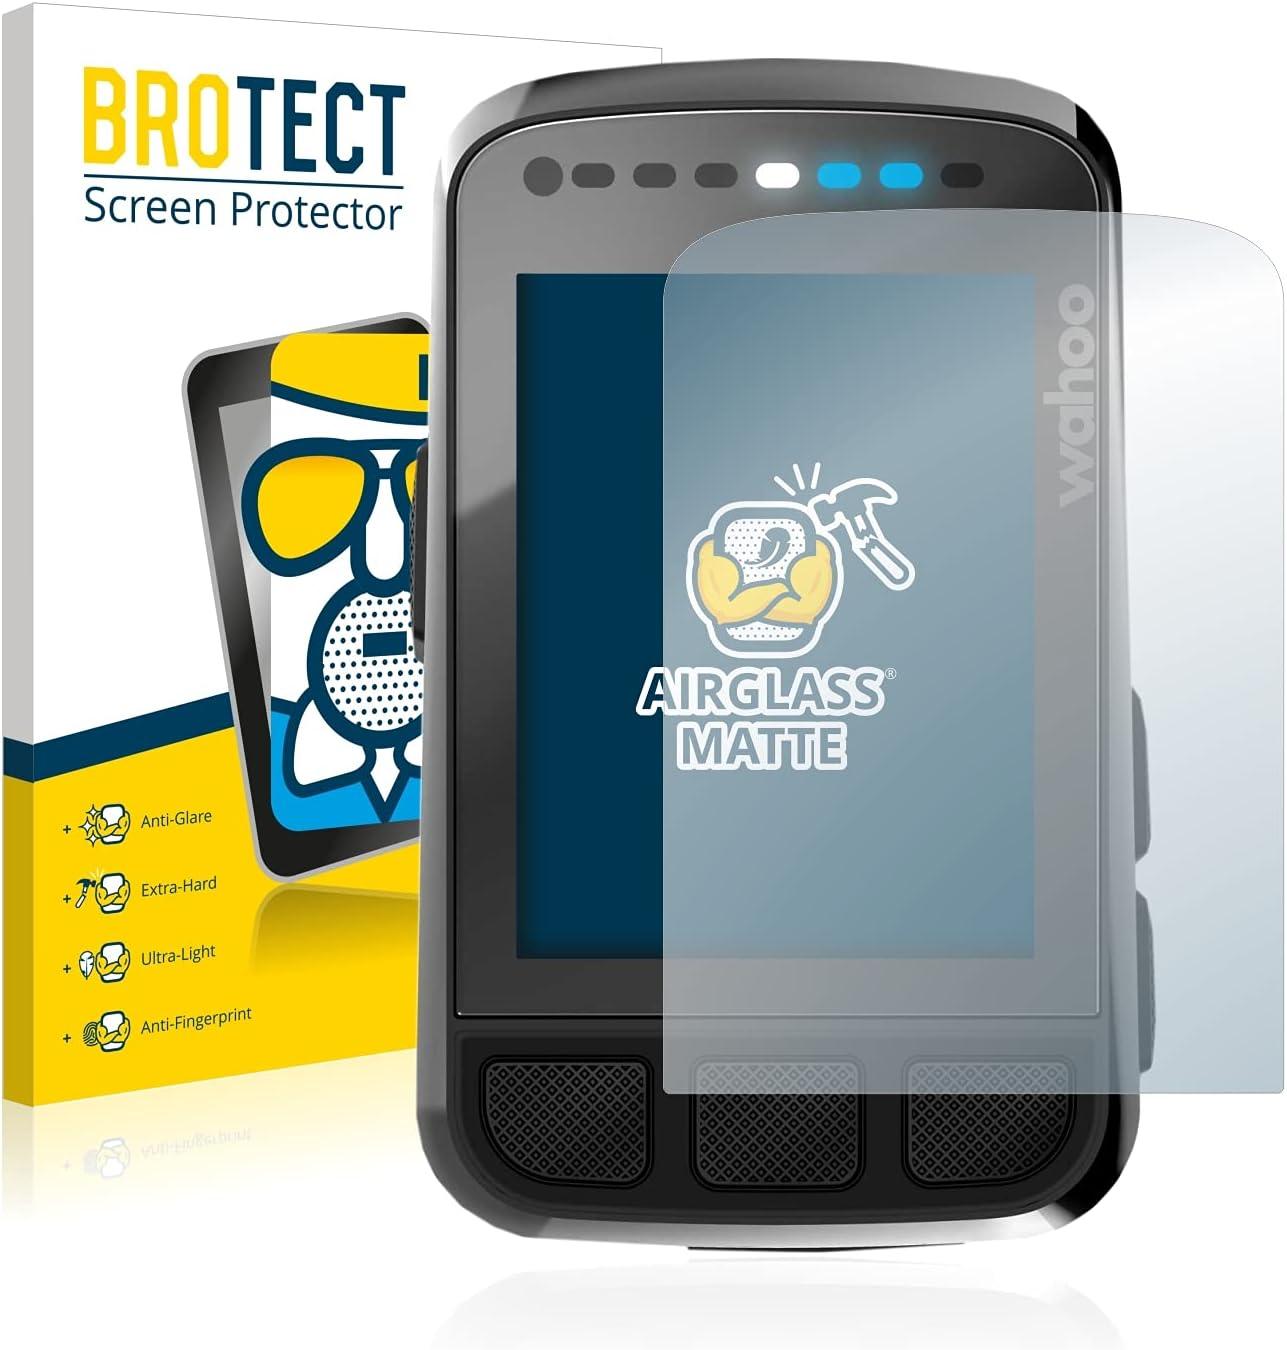 BROTECT Protector Pantalla Cristal Mate Compatible con Wahoo Elemnt Bolt V2 GPS Protector Pantalla Anti-Reflejos Vidrio, AirGlass